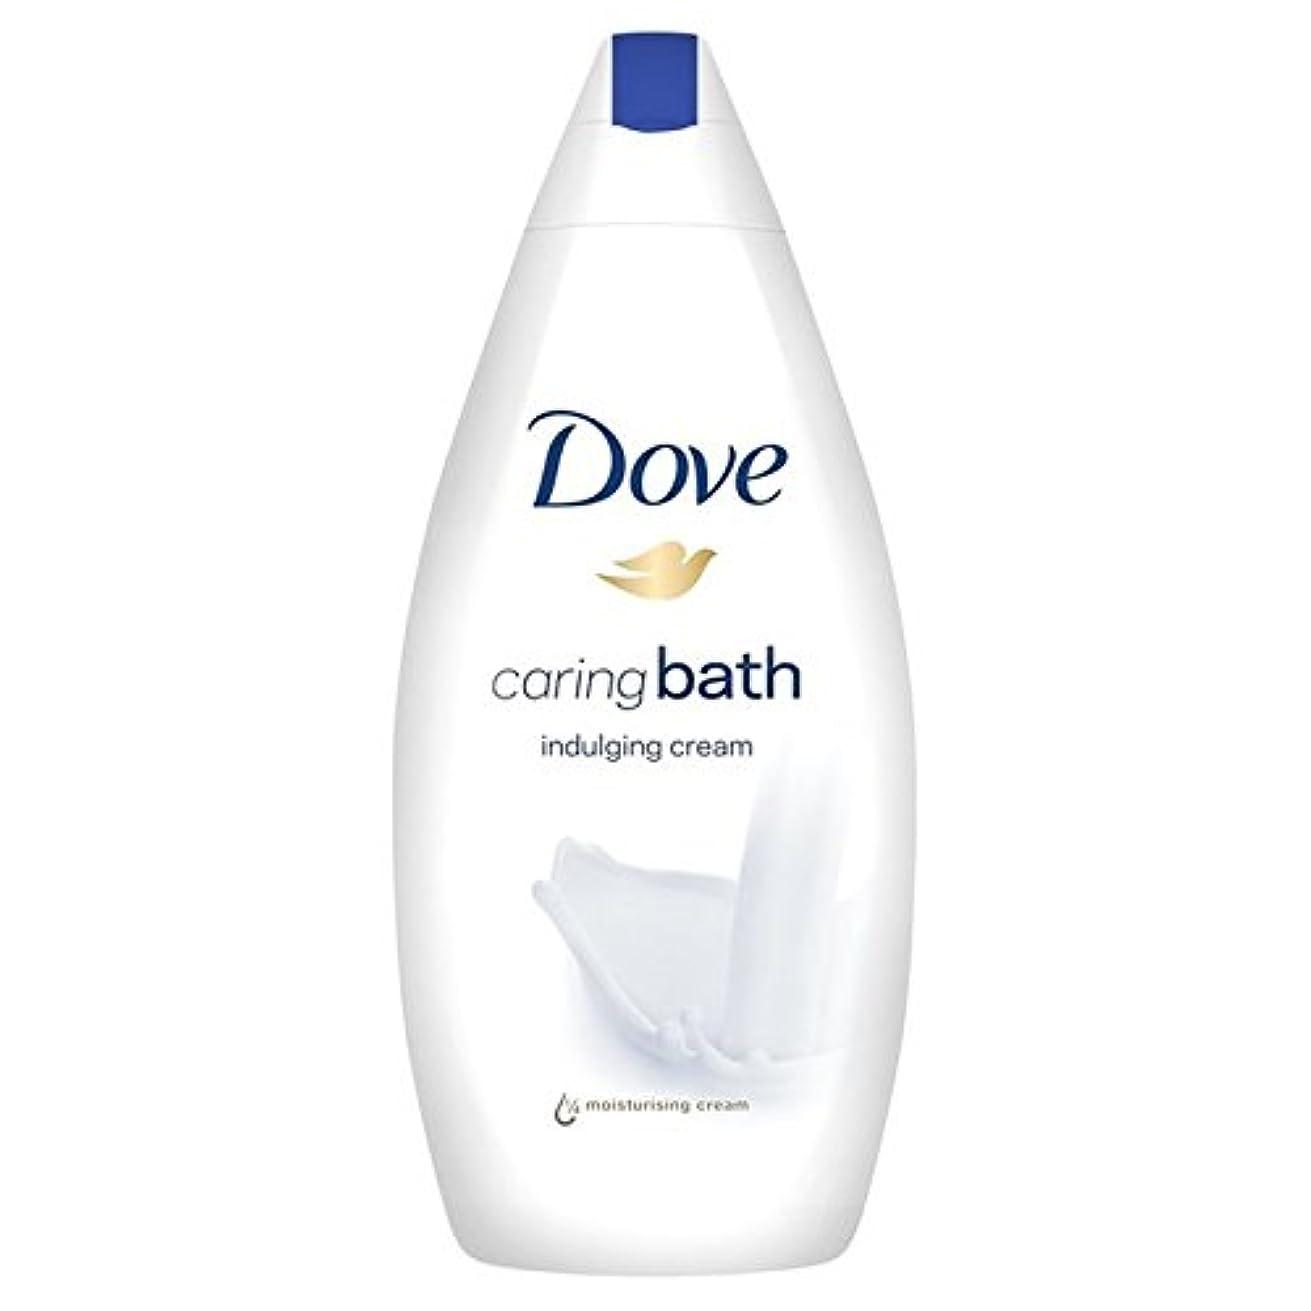 外科医特派員民間思いやりのバス500ミリリットルをふける鳩 x2 - Dove Indulging Caring Bath 500ml (Pack of 2) [並行輸入品]